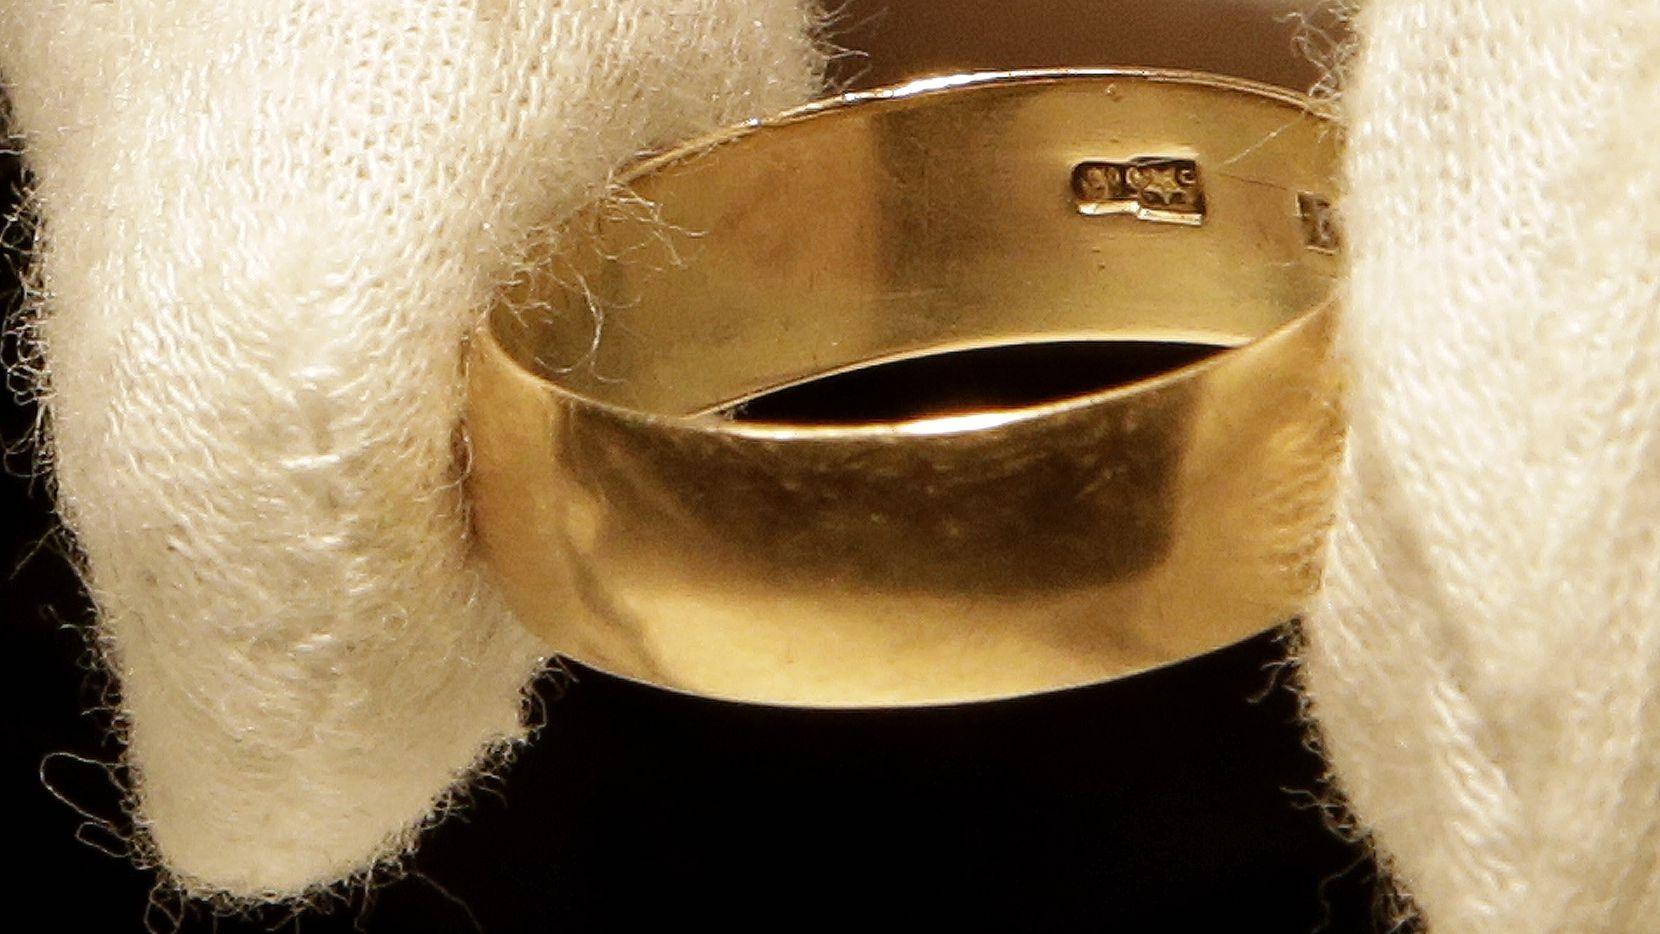 Foto de archivo de un anillo de bodas. La alcaldesa de Naucalpan, Estado de México, se casó en una ceremonia masiva el fin de semana en Cuernavaca.